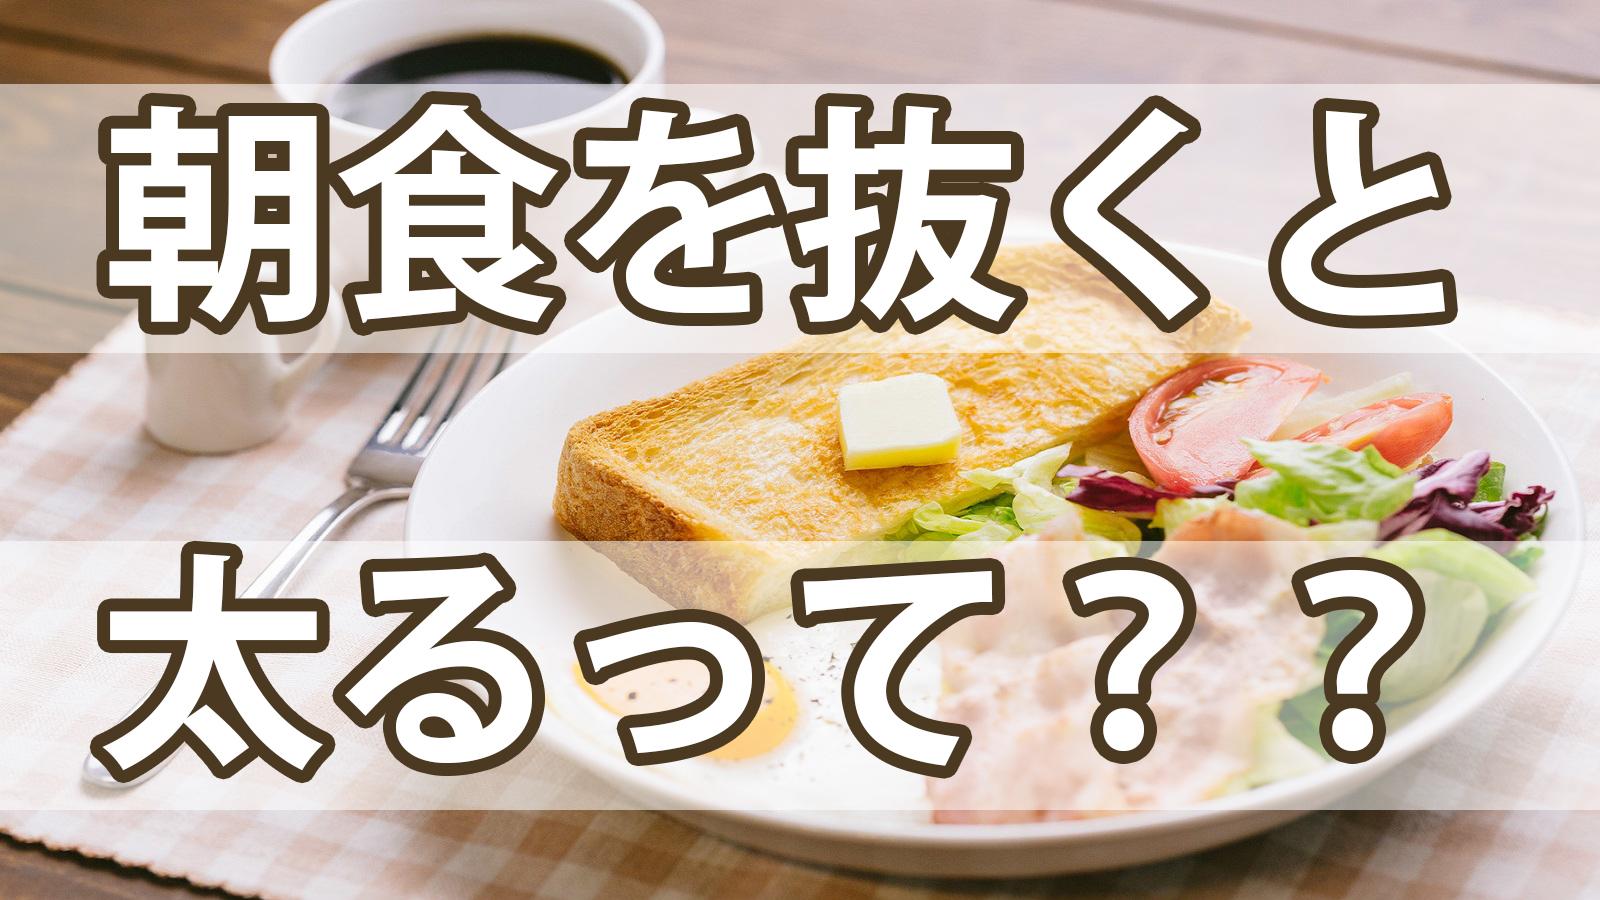 朝食抜きは太るのか